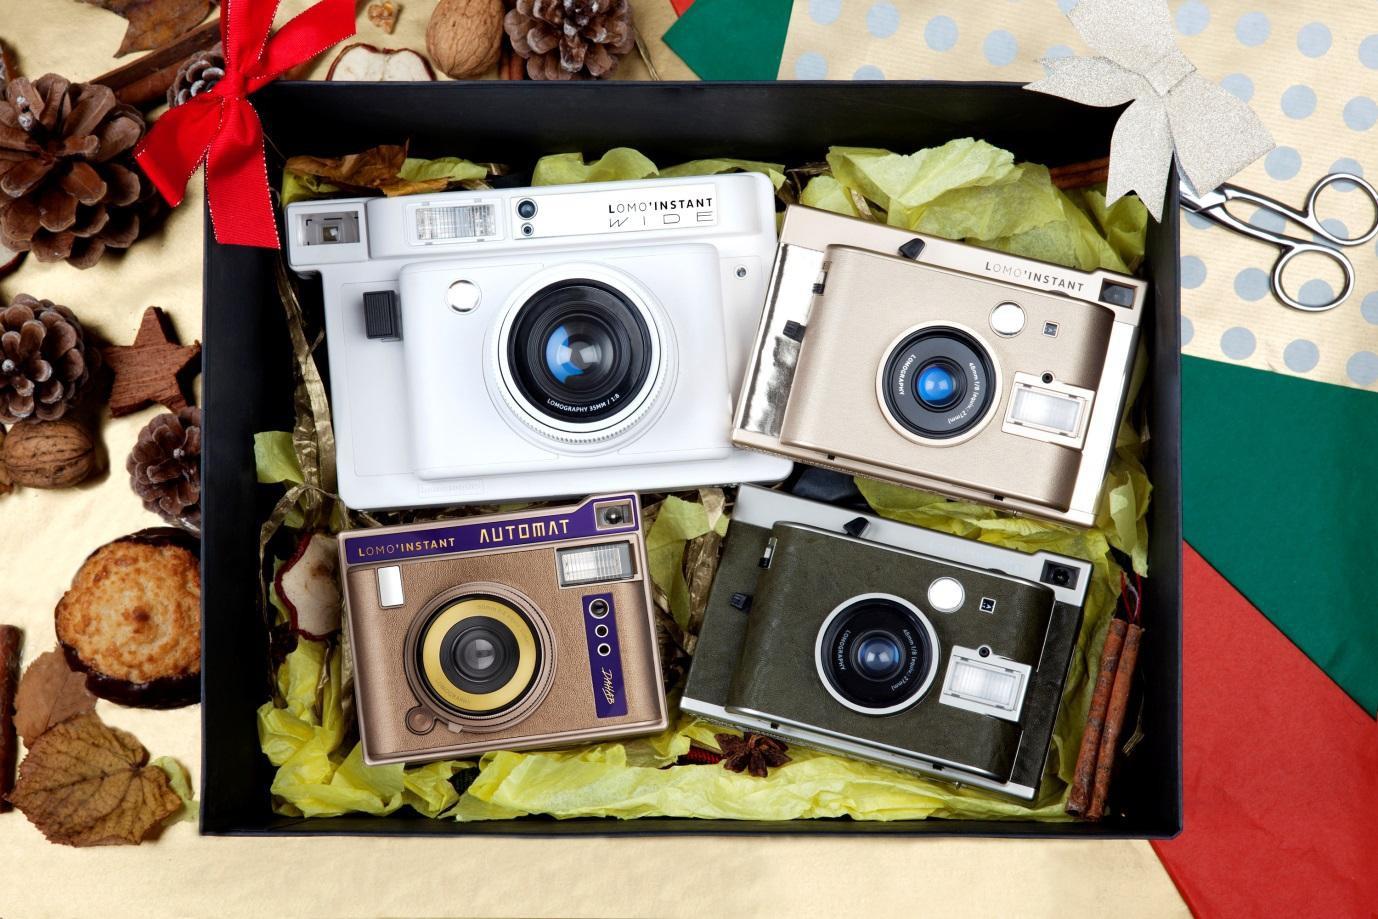 """Trào lưu máy ảnh in liền """"gây sốt"""" trở lại với sự xuất hiện của thương hiệu Lomography - Ảnh 3."""